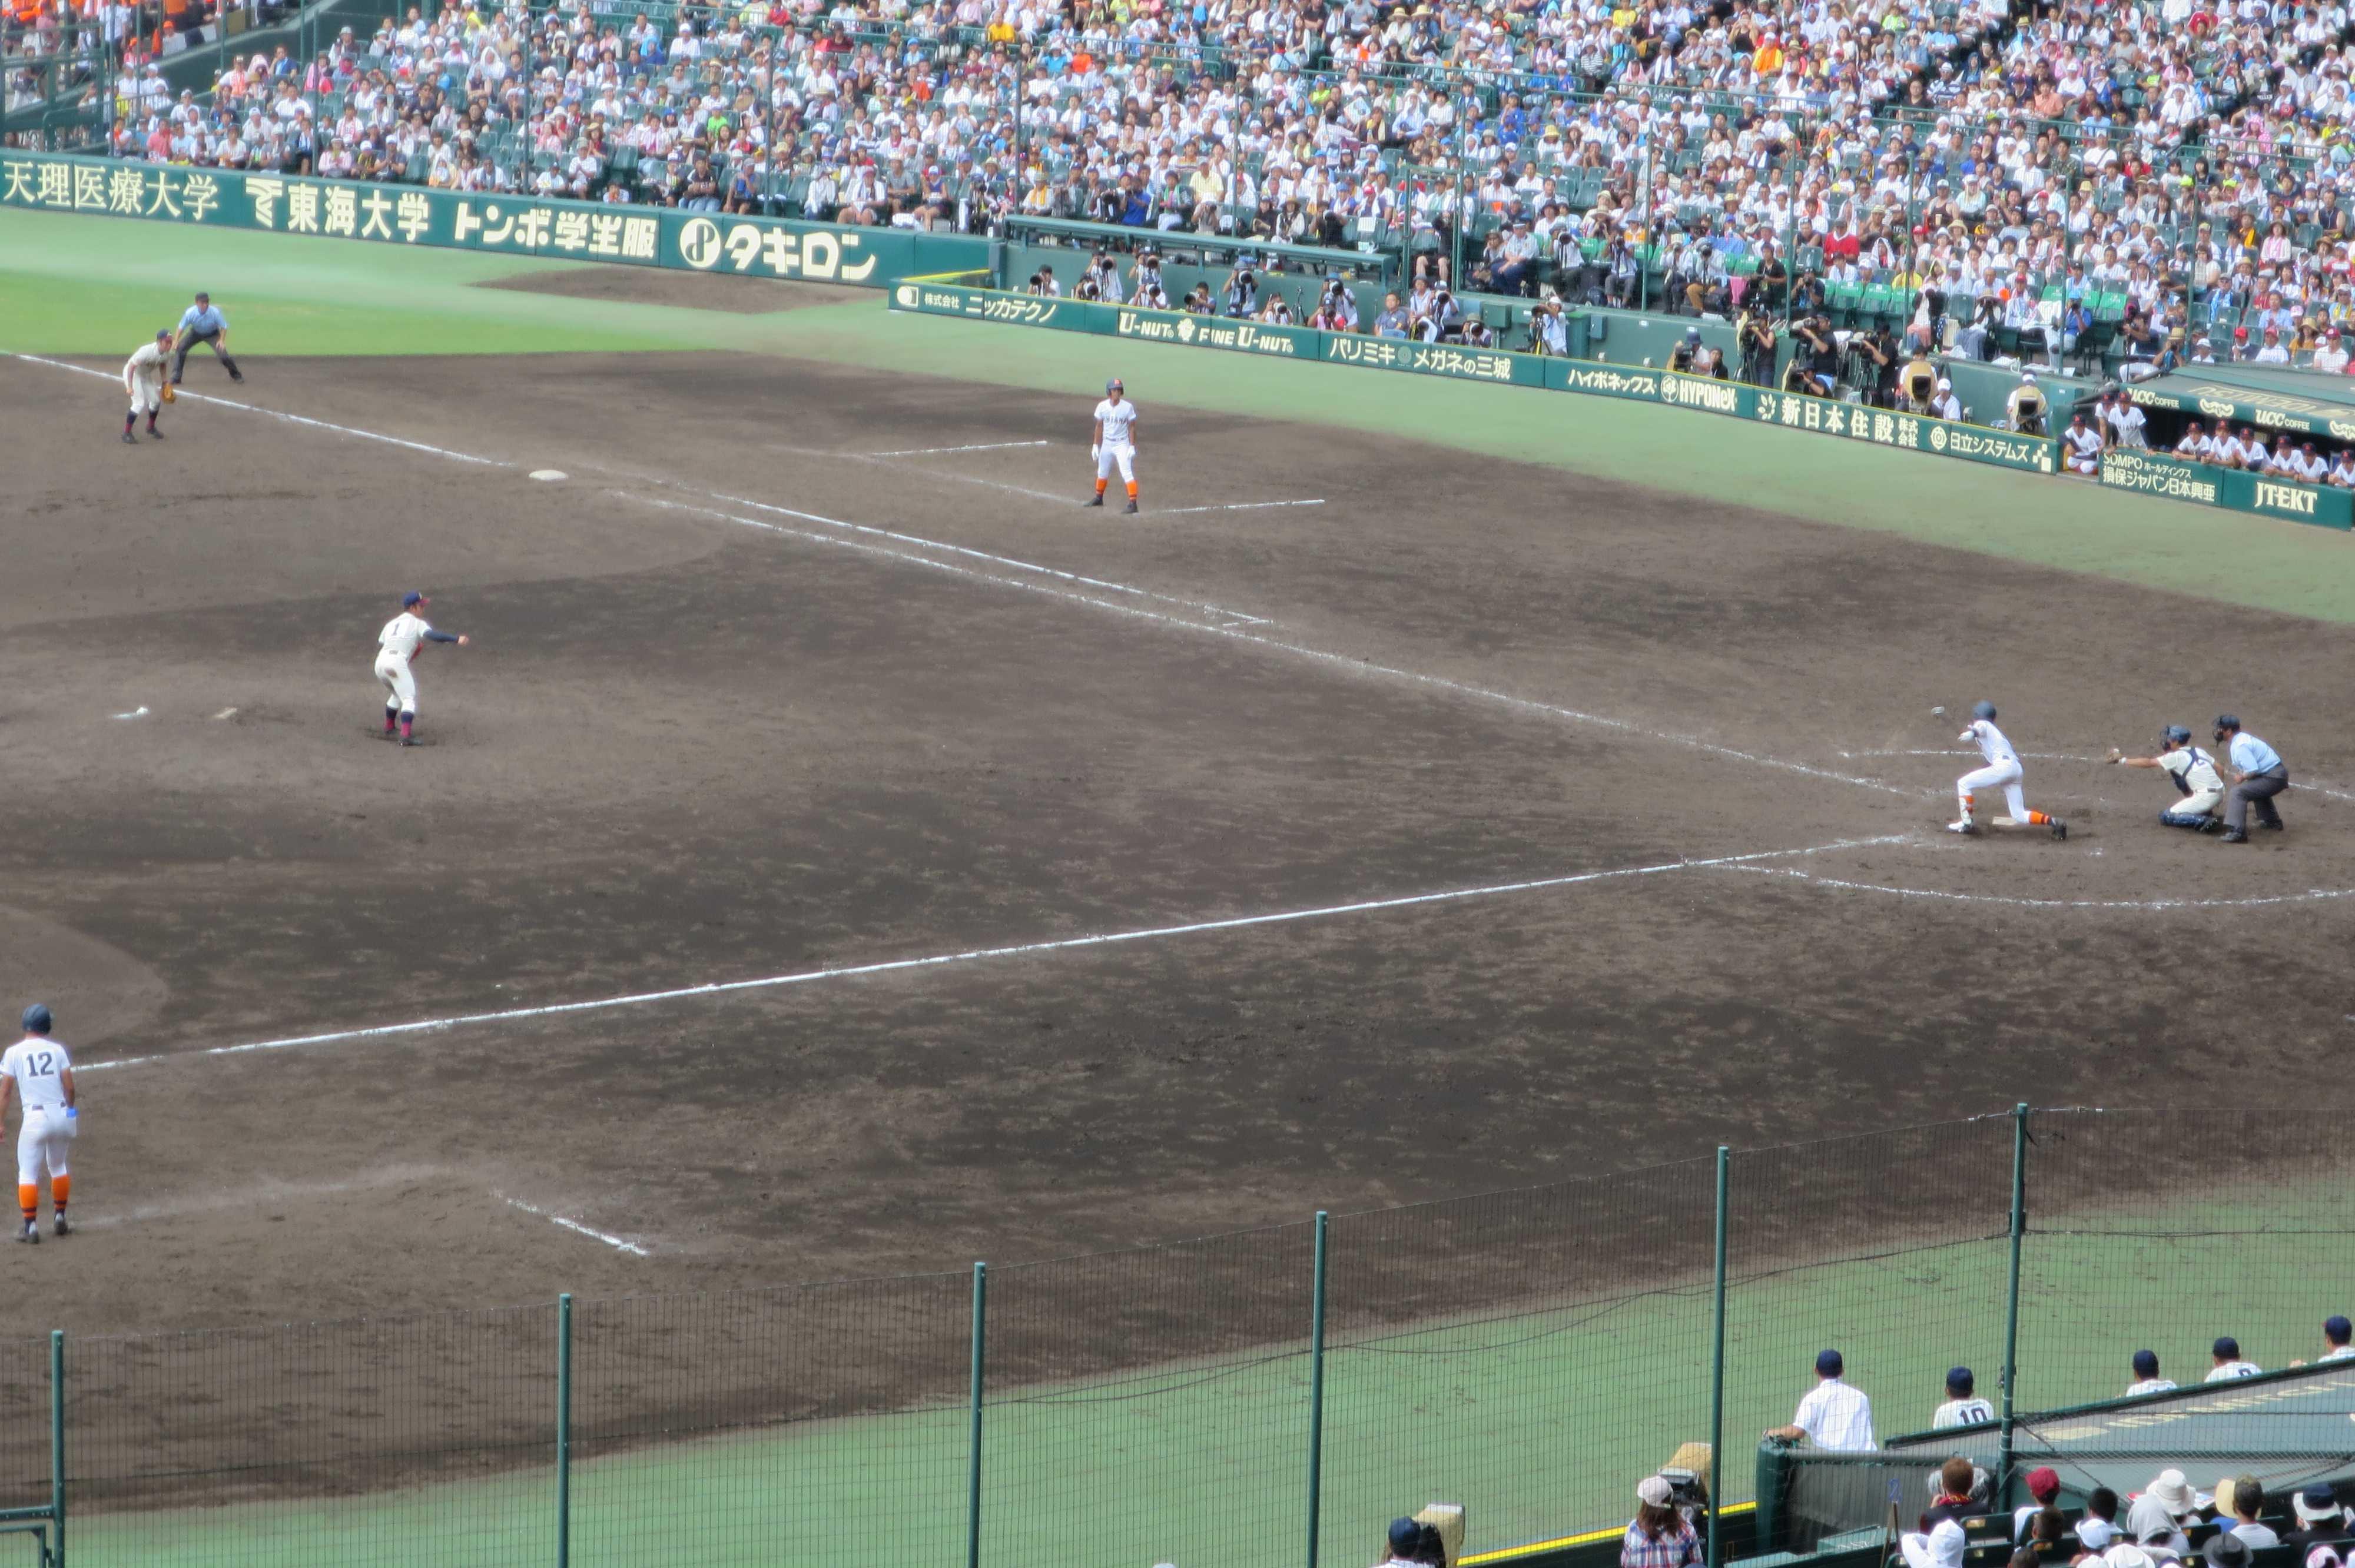 ゲームセット。八戸学院光星 5対4 市立尼崎(延長10回)